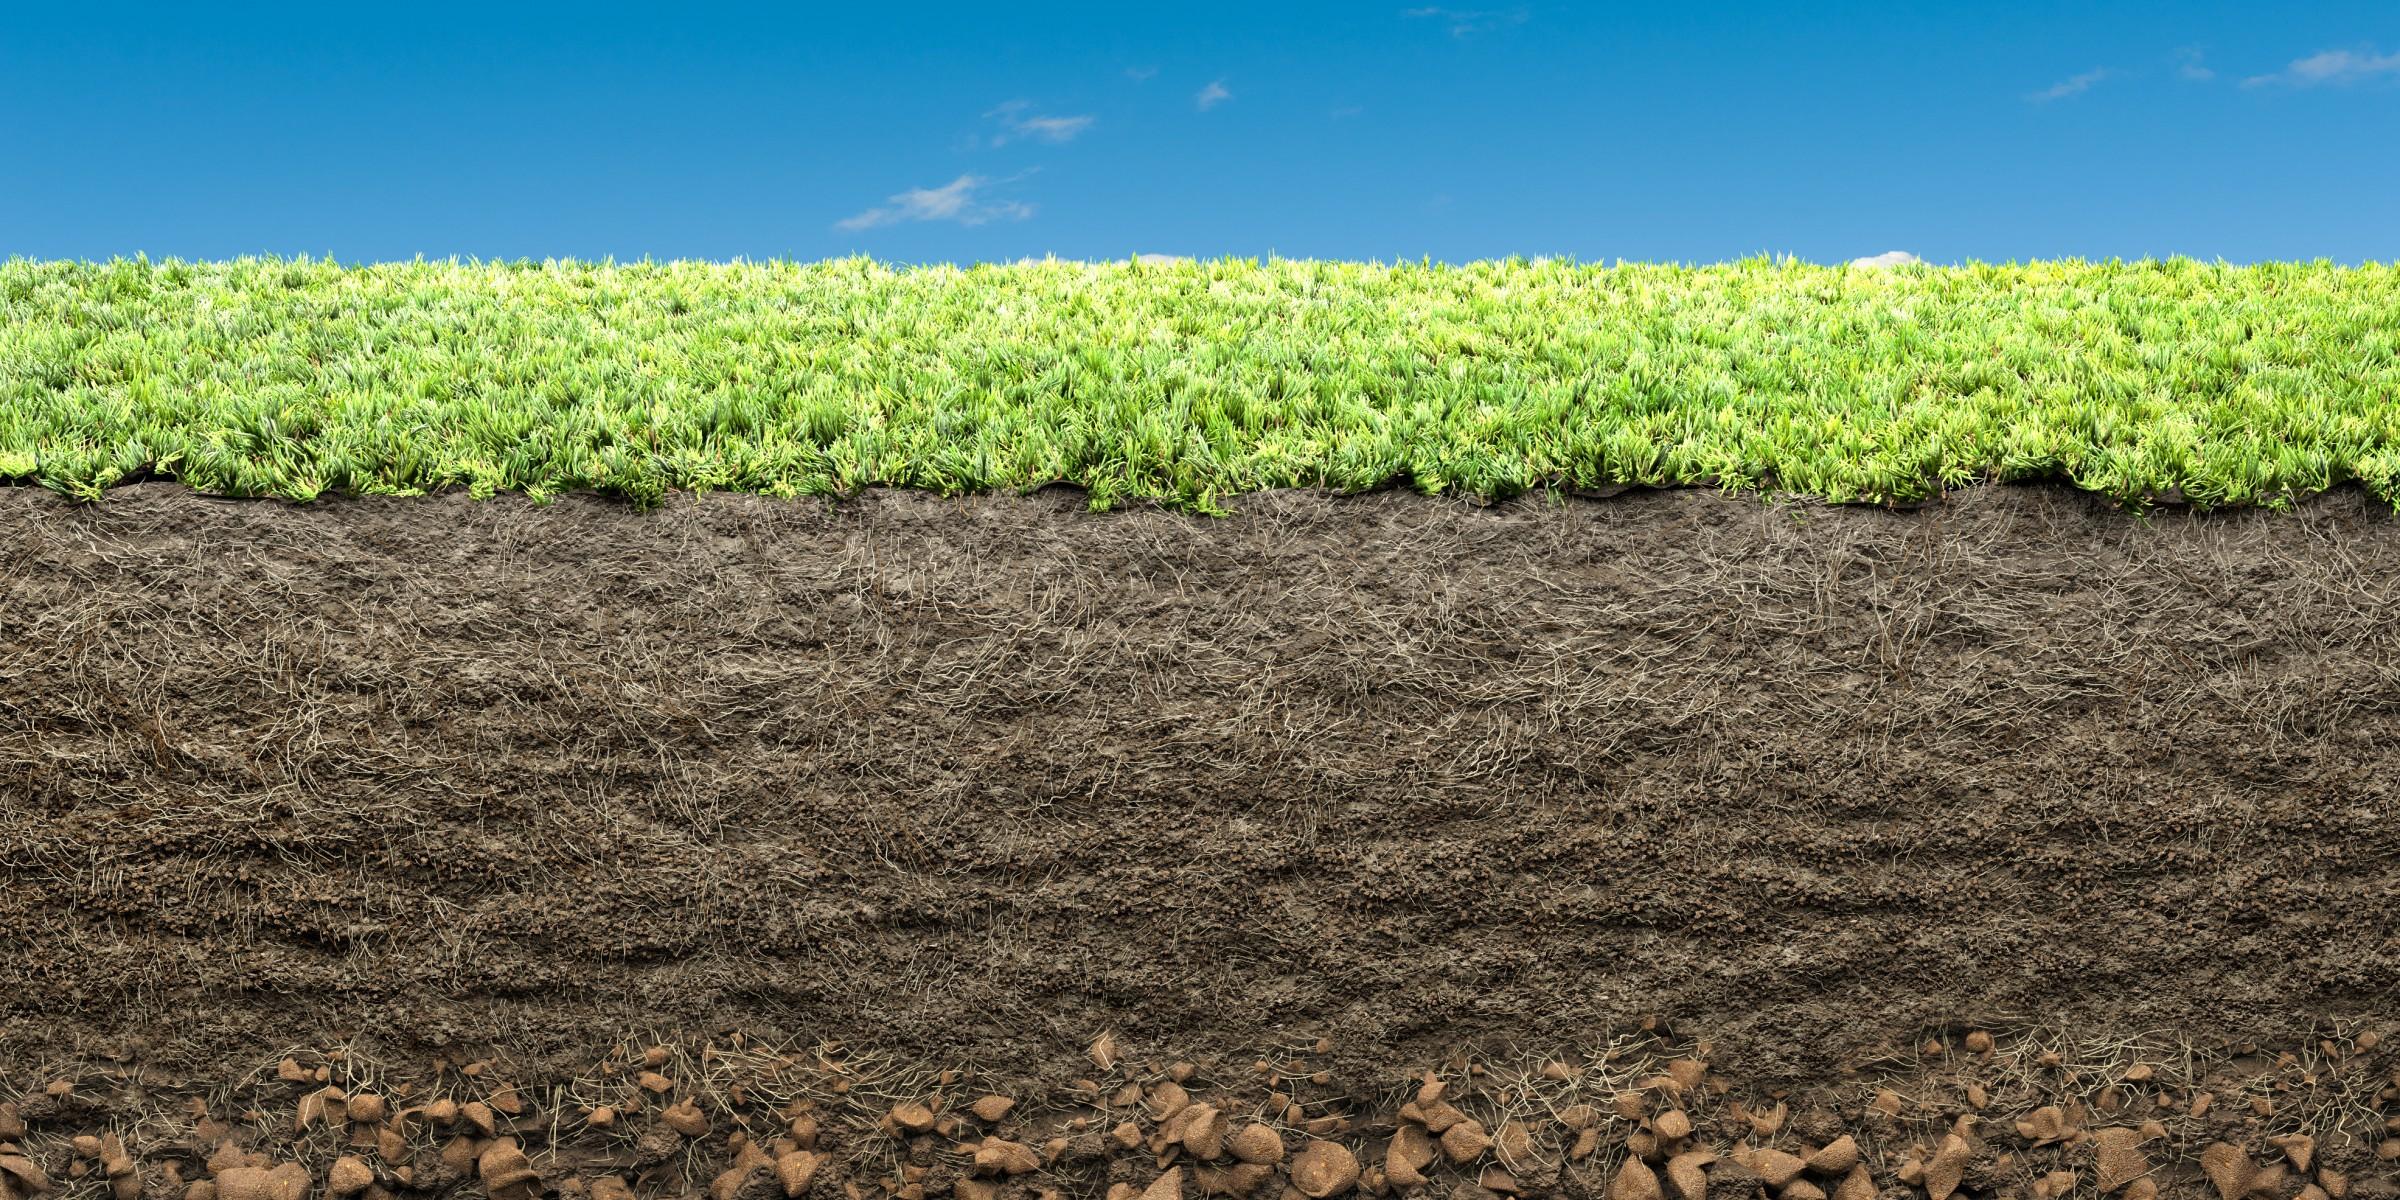 Zéro artificialisation nette : la préservation des sols au coeur de l'organisation territoriale